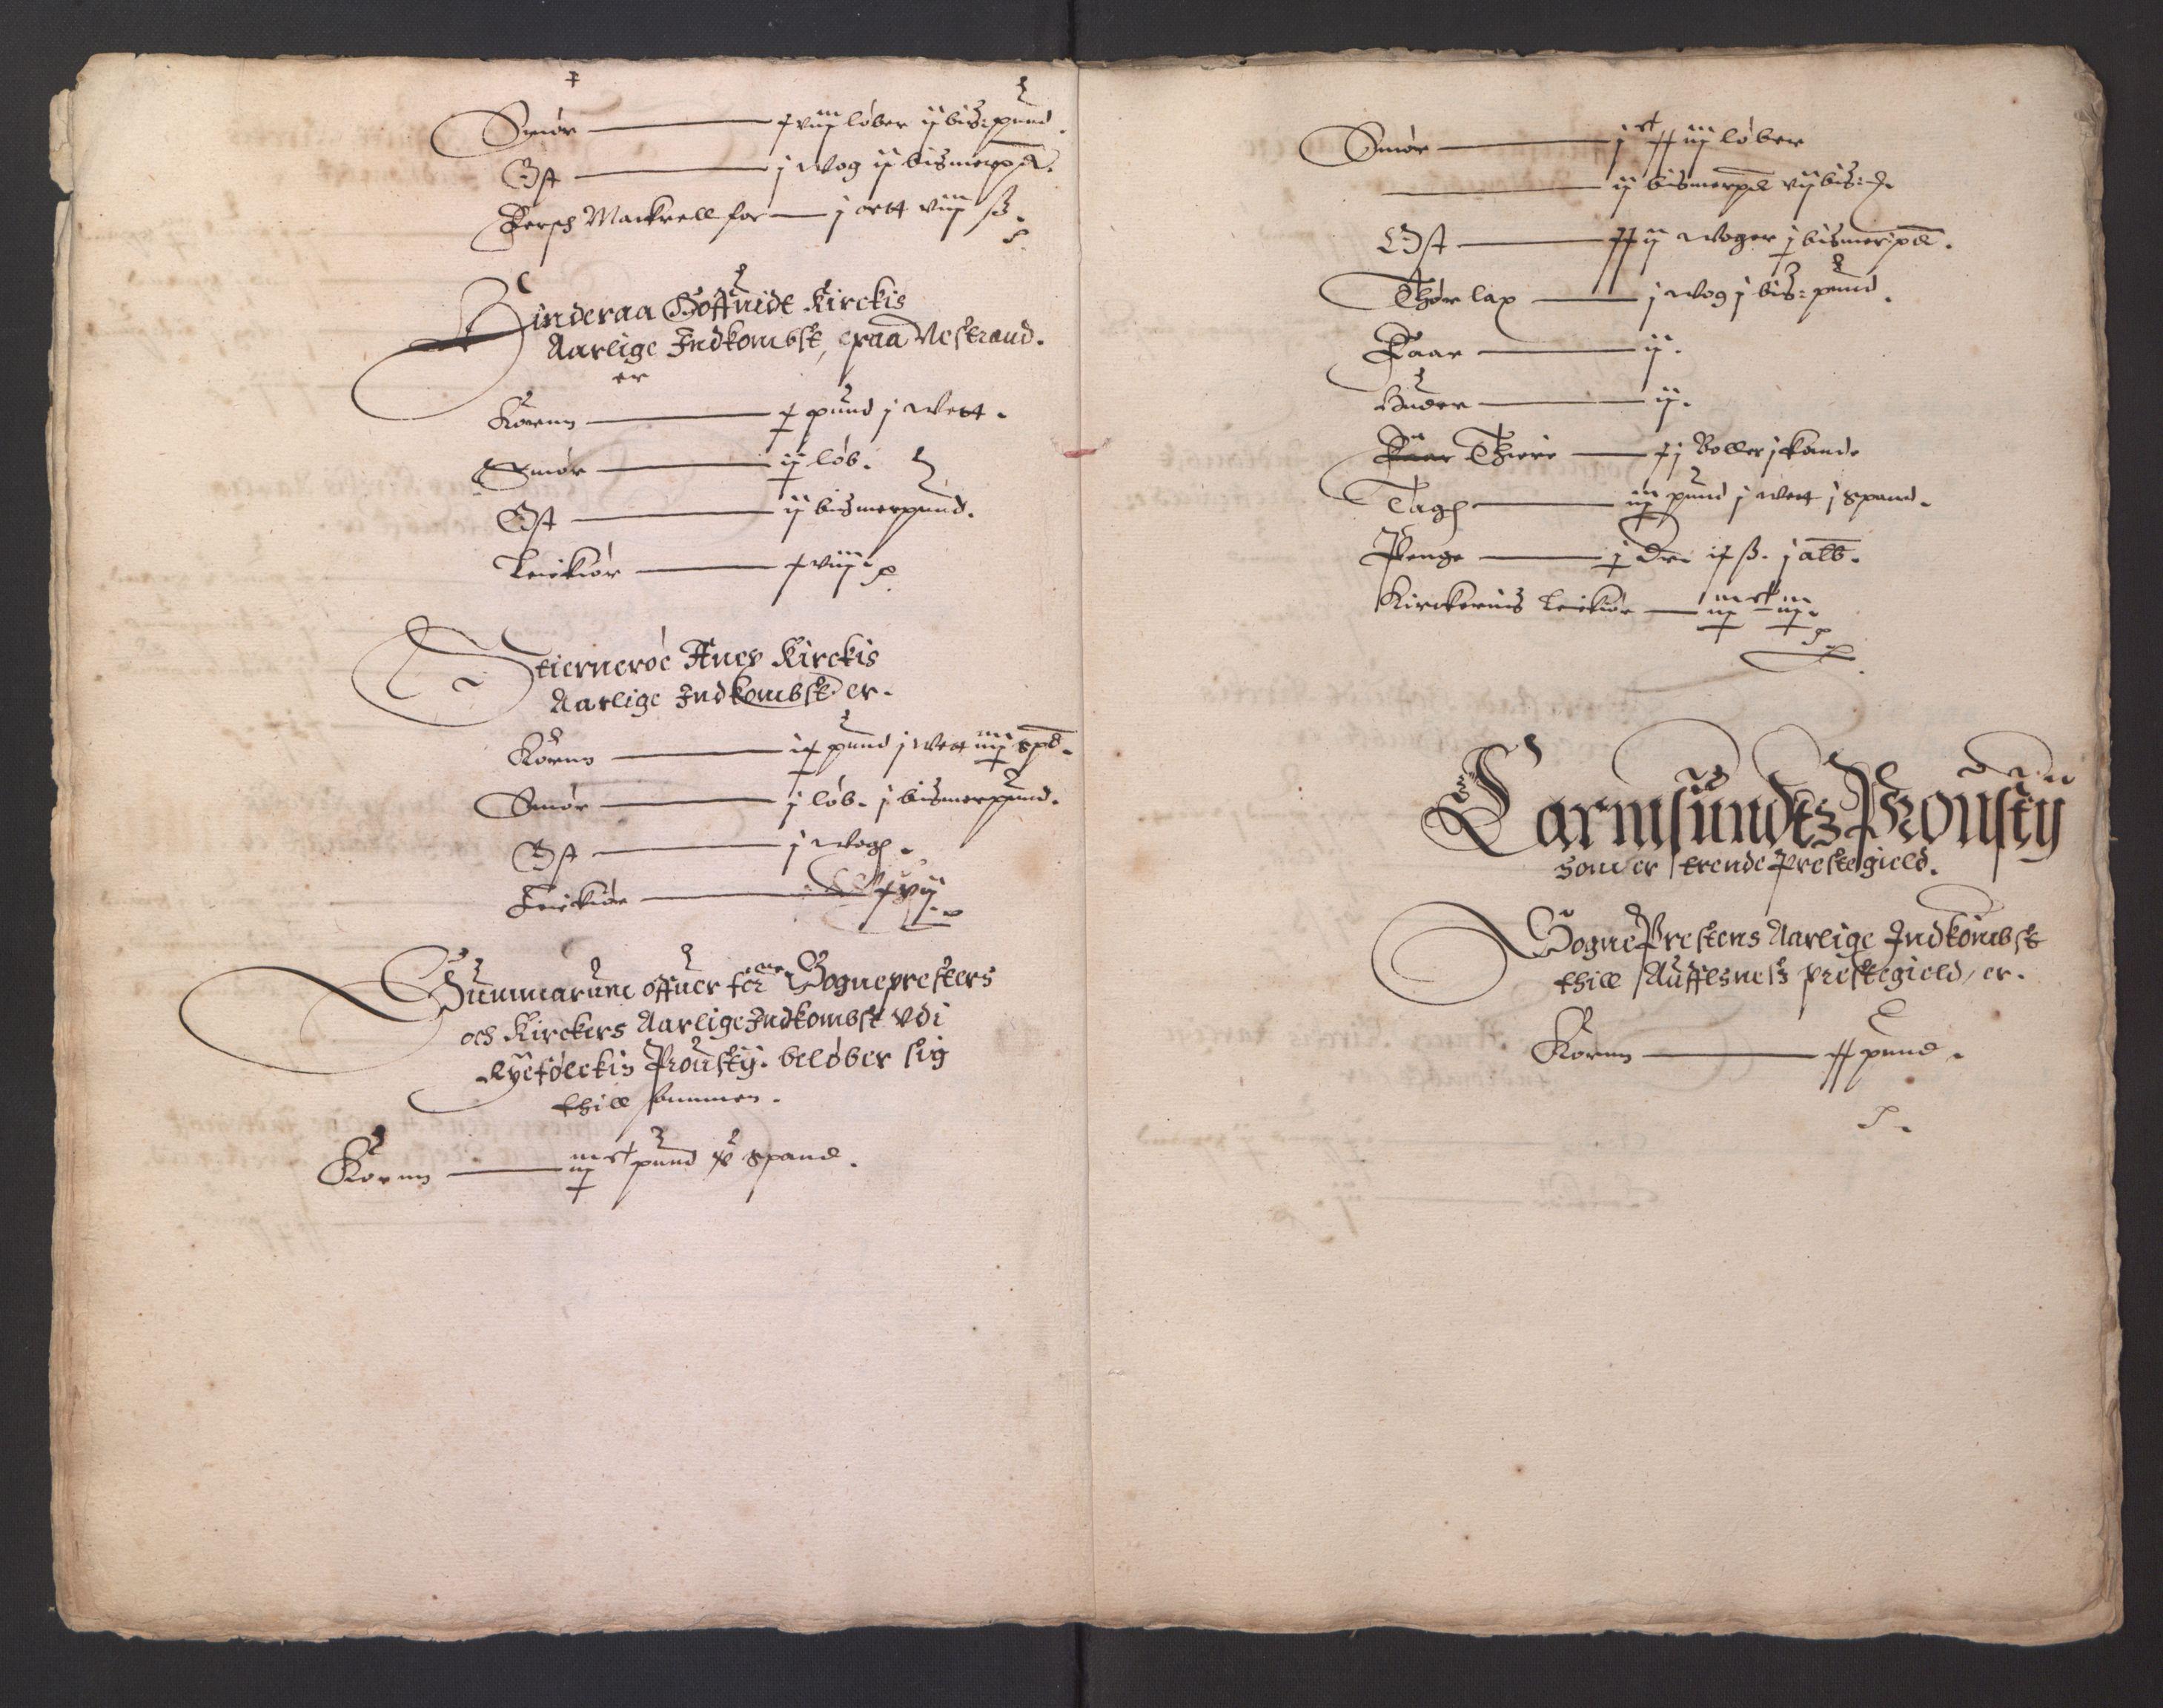 RA, Stattholderembetet 1572-1771, Ek/L0014: Jordebøker til utlikning av rosstjeneste 1624-1626:, 1625, s. 12